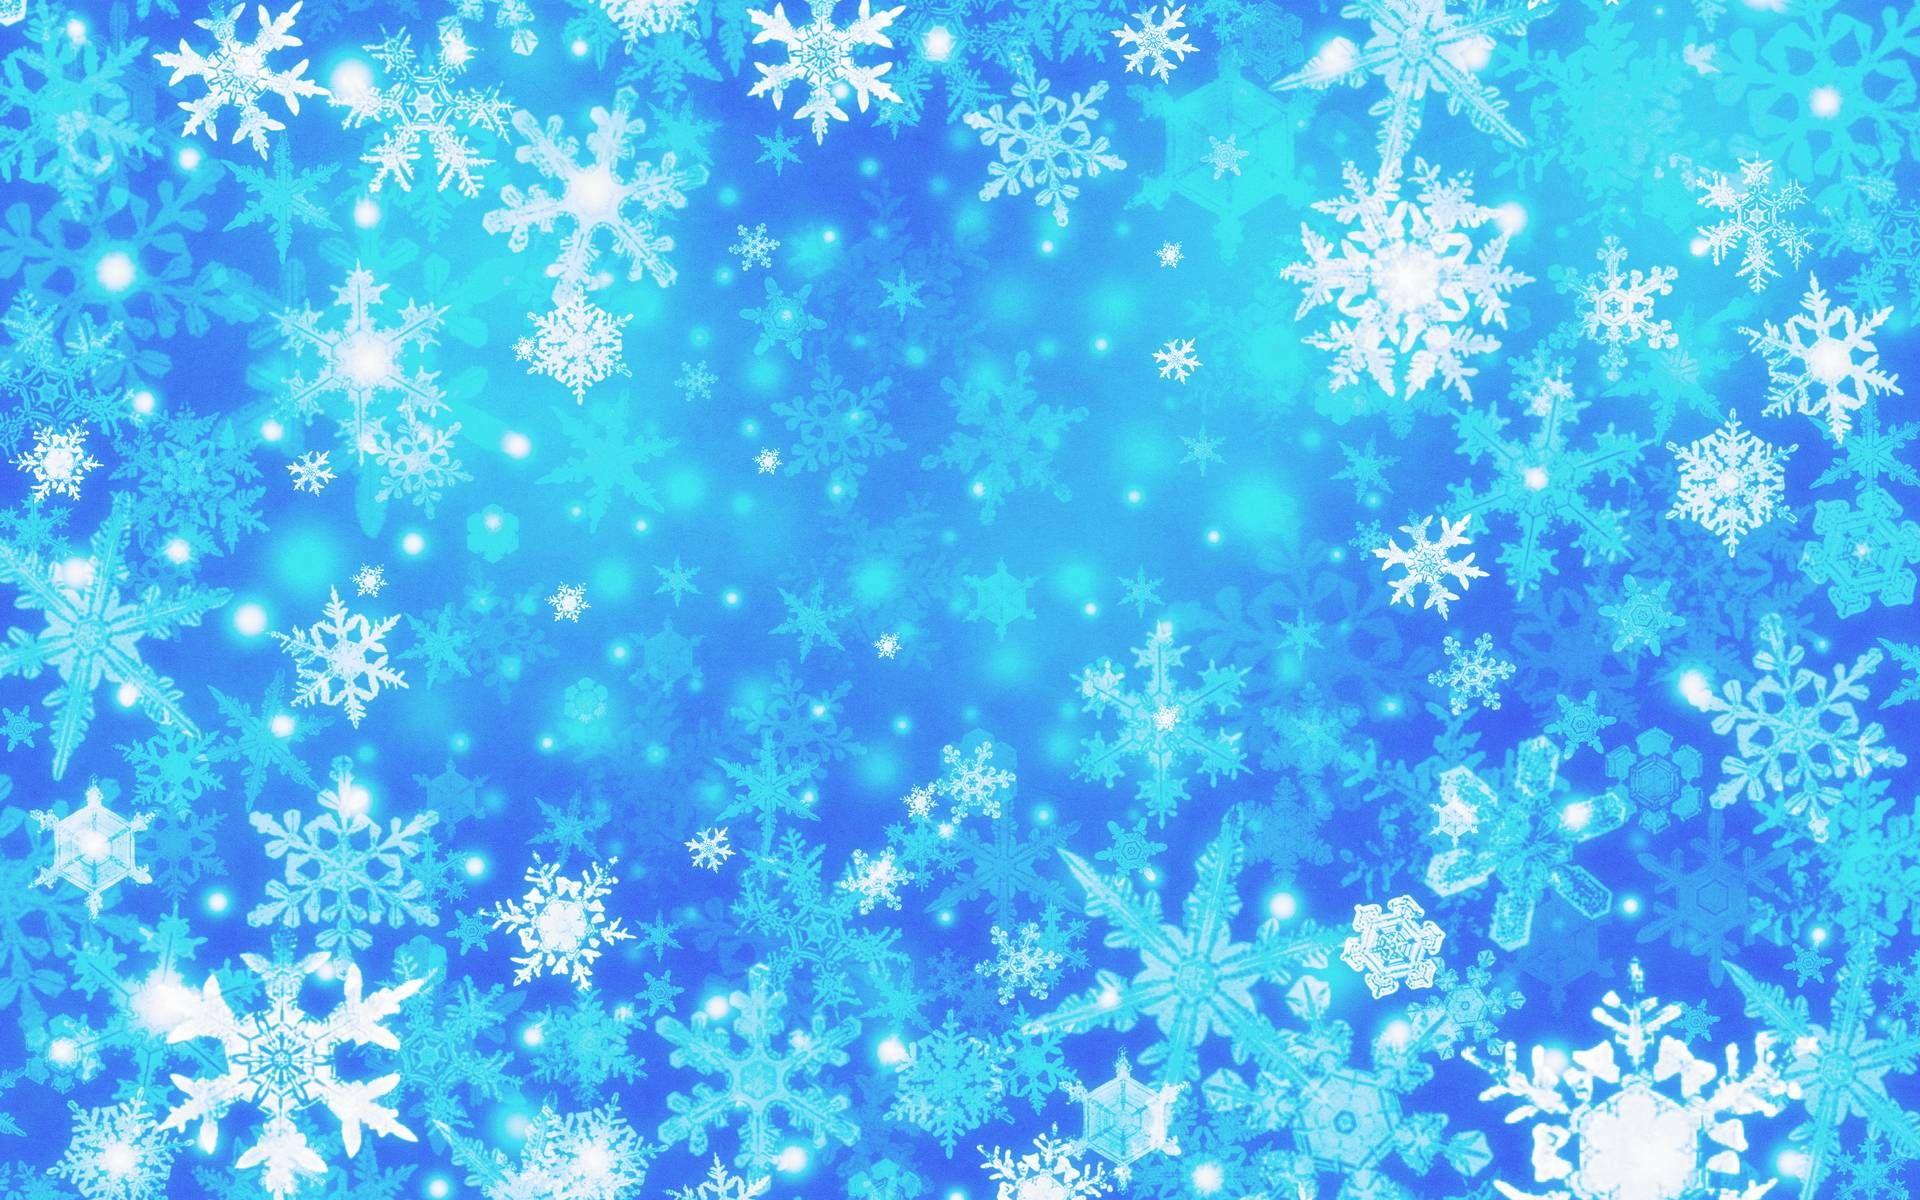 Download grátis do Wallpaper Snow Graphic em resoluções